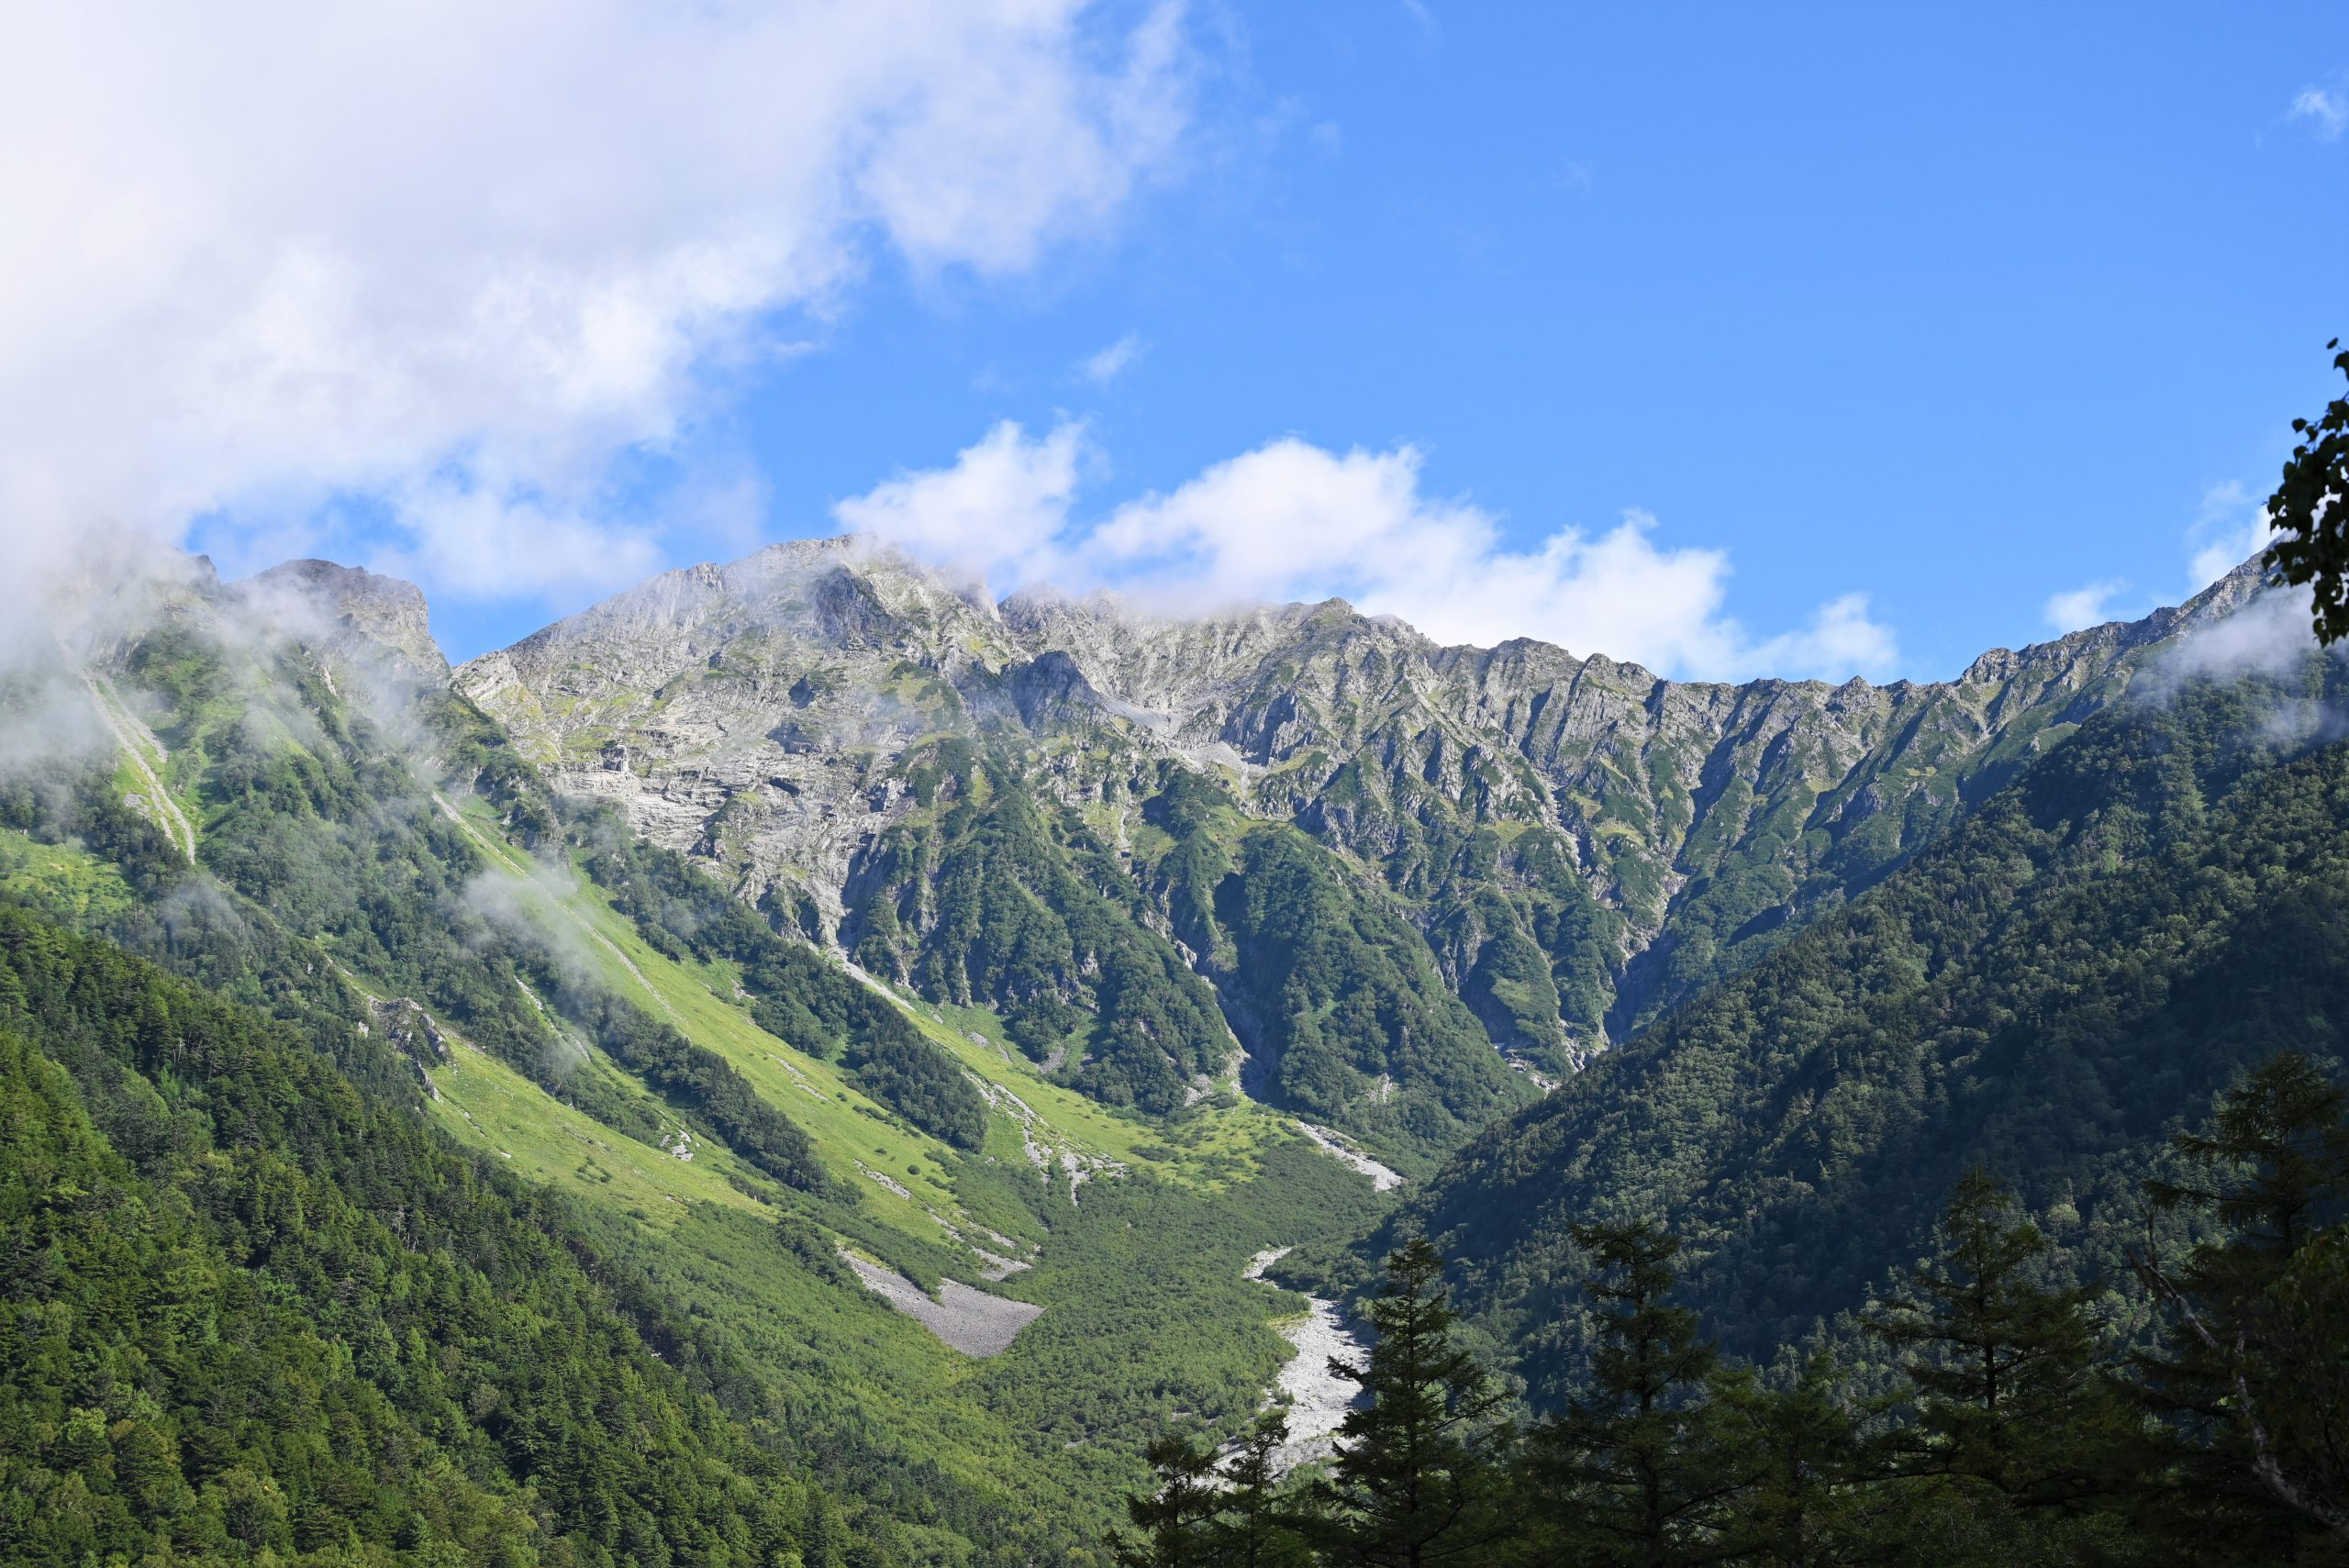 ネイチャーガイドおすすめの上高地の景色:河童橋からの穂高連峰